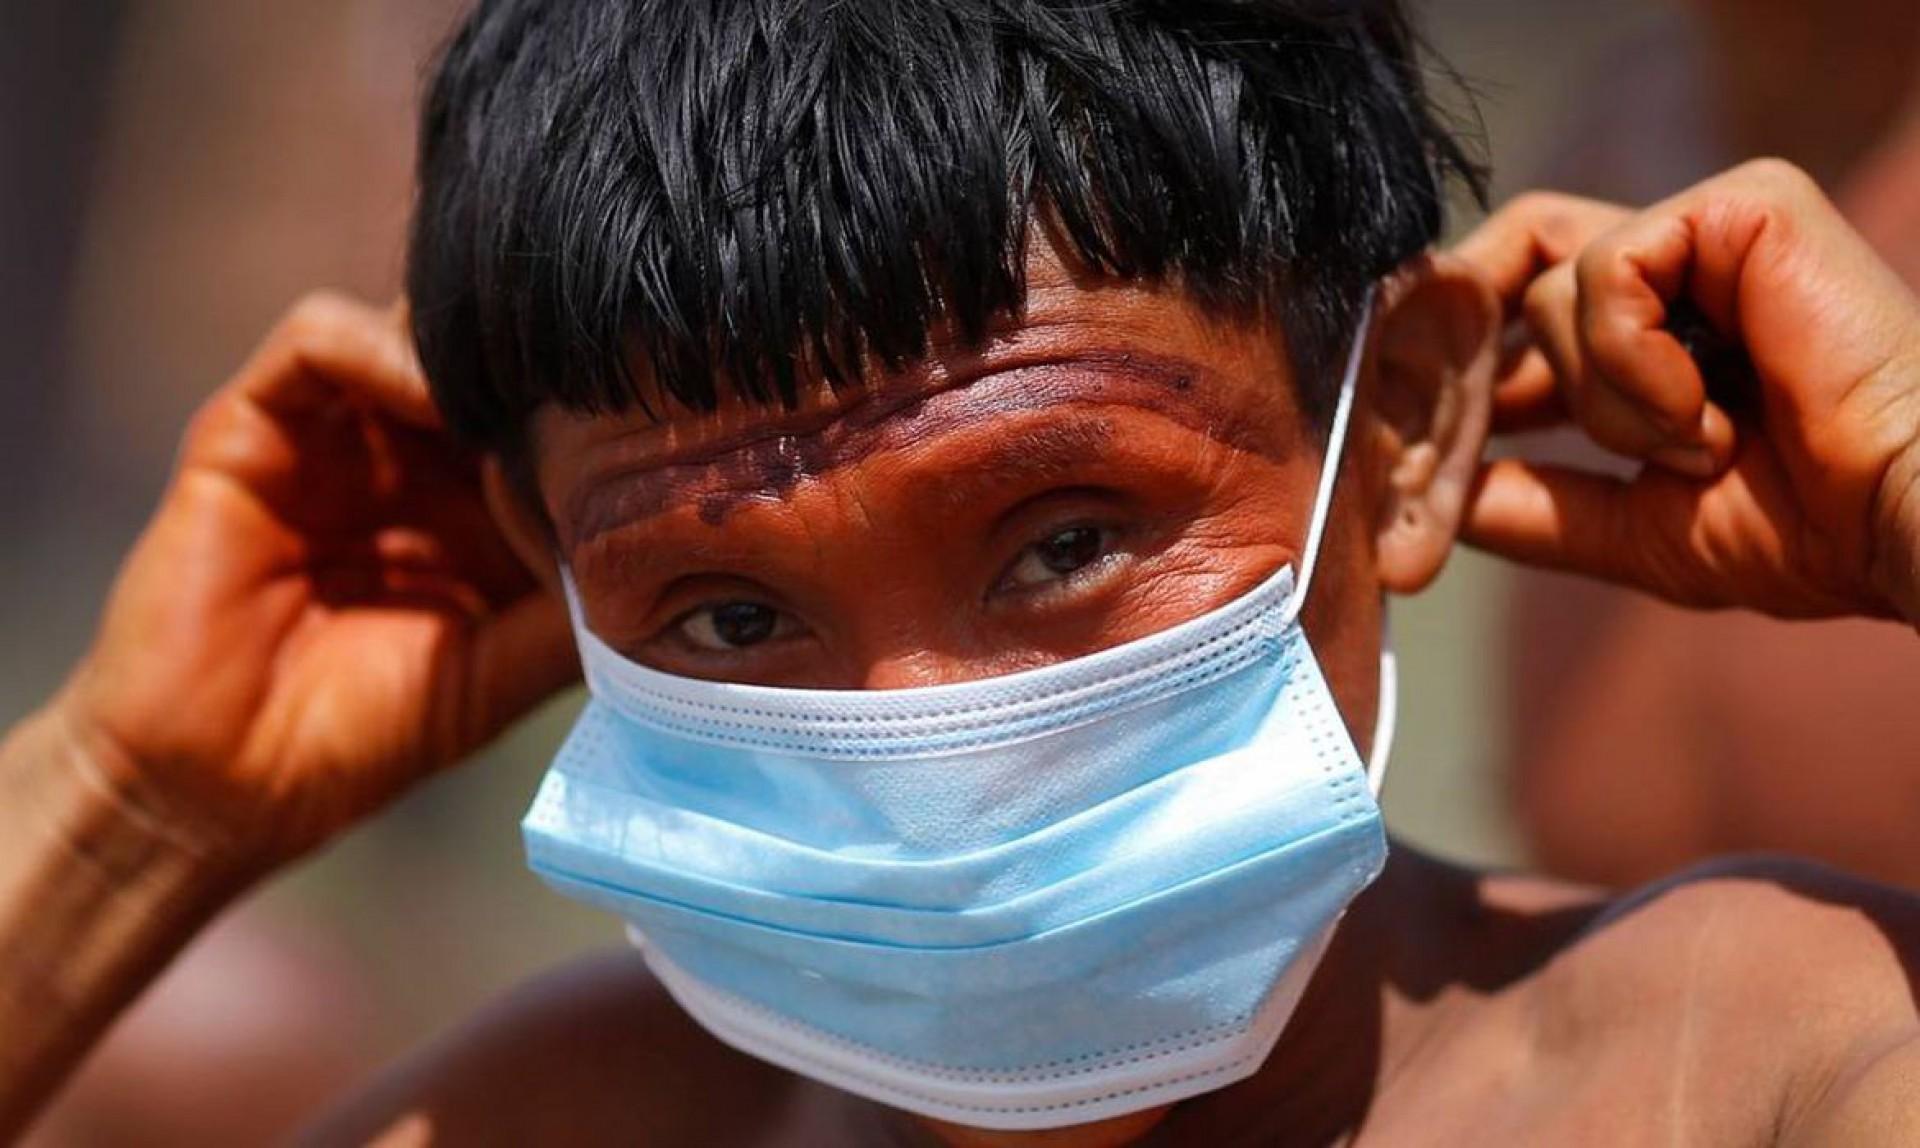 Ministério apura mortes de crianças indígenas de Roraima por covid-19 (Foto: Reuters/Adriano Machado/Direitos reservados)